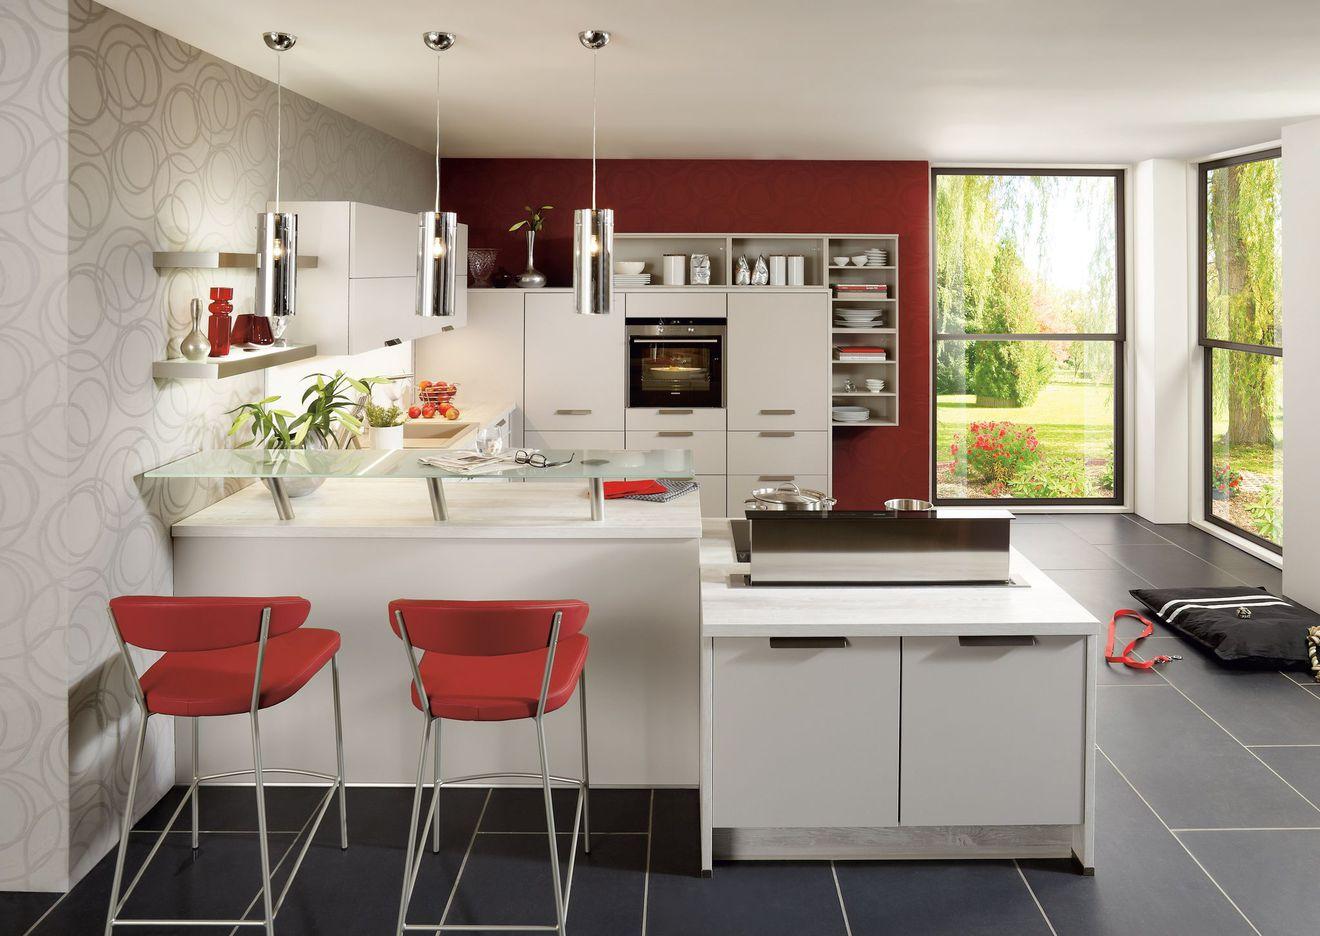 Idee deco salon avec cuisine americaine - Atwebster.fr - Maison et ...